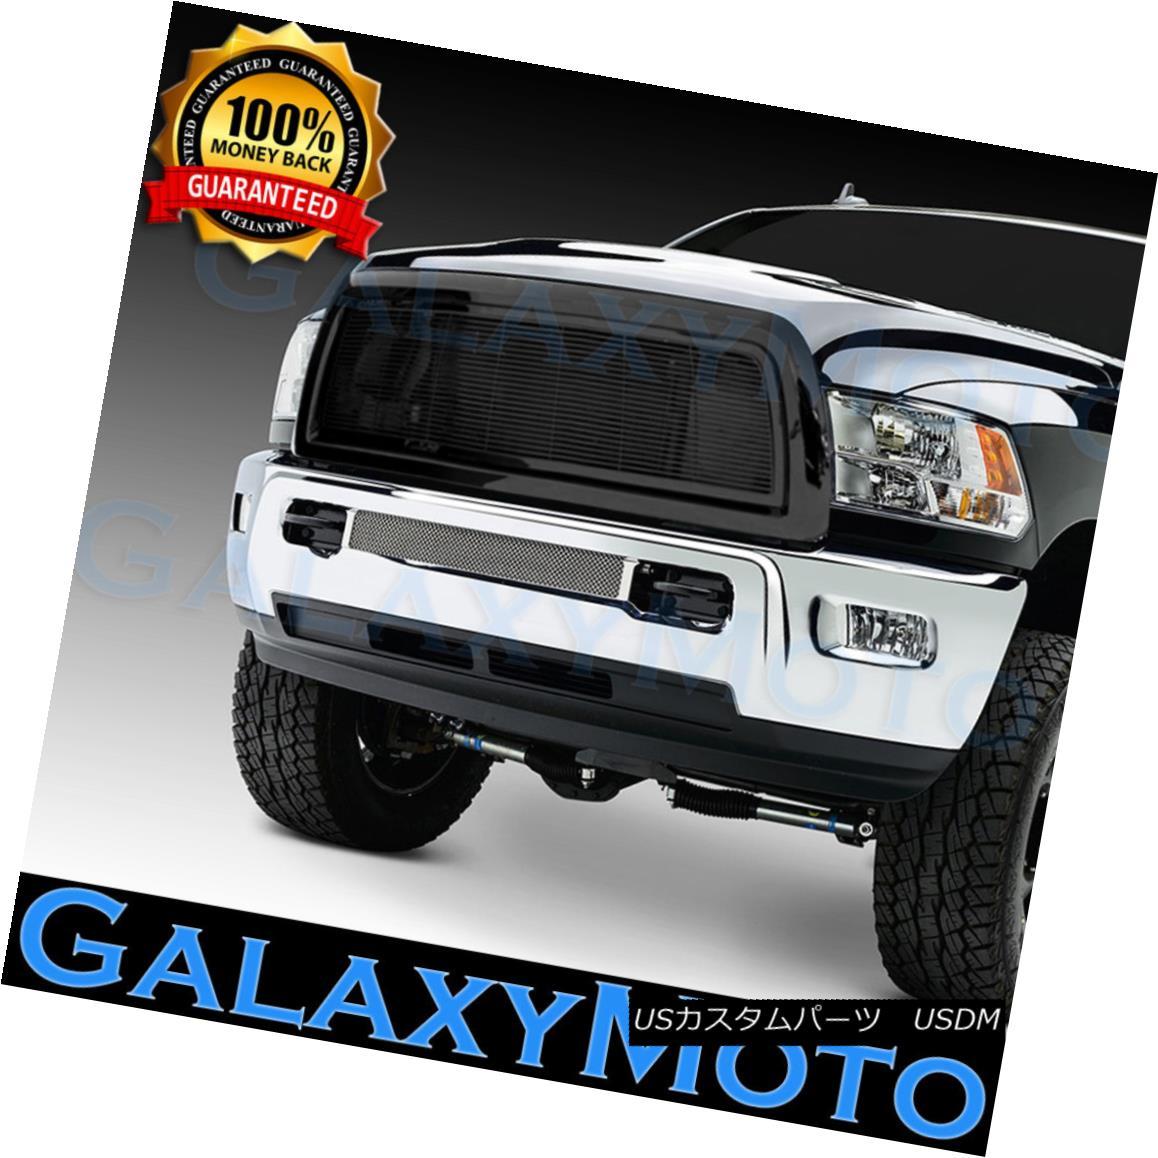 グリル 10-12 Dodge RAM 2500+3500+HD Black Billet Grille+Complete Replacement+Shell 10-12ダッジRAM 2500 + 3500 + HDブラックビレットグリル+完了 e交換+ Sh ell